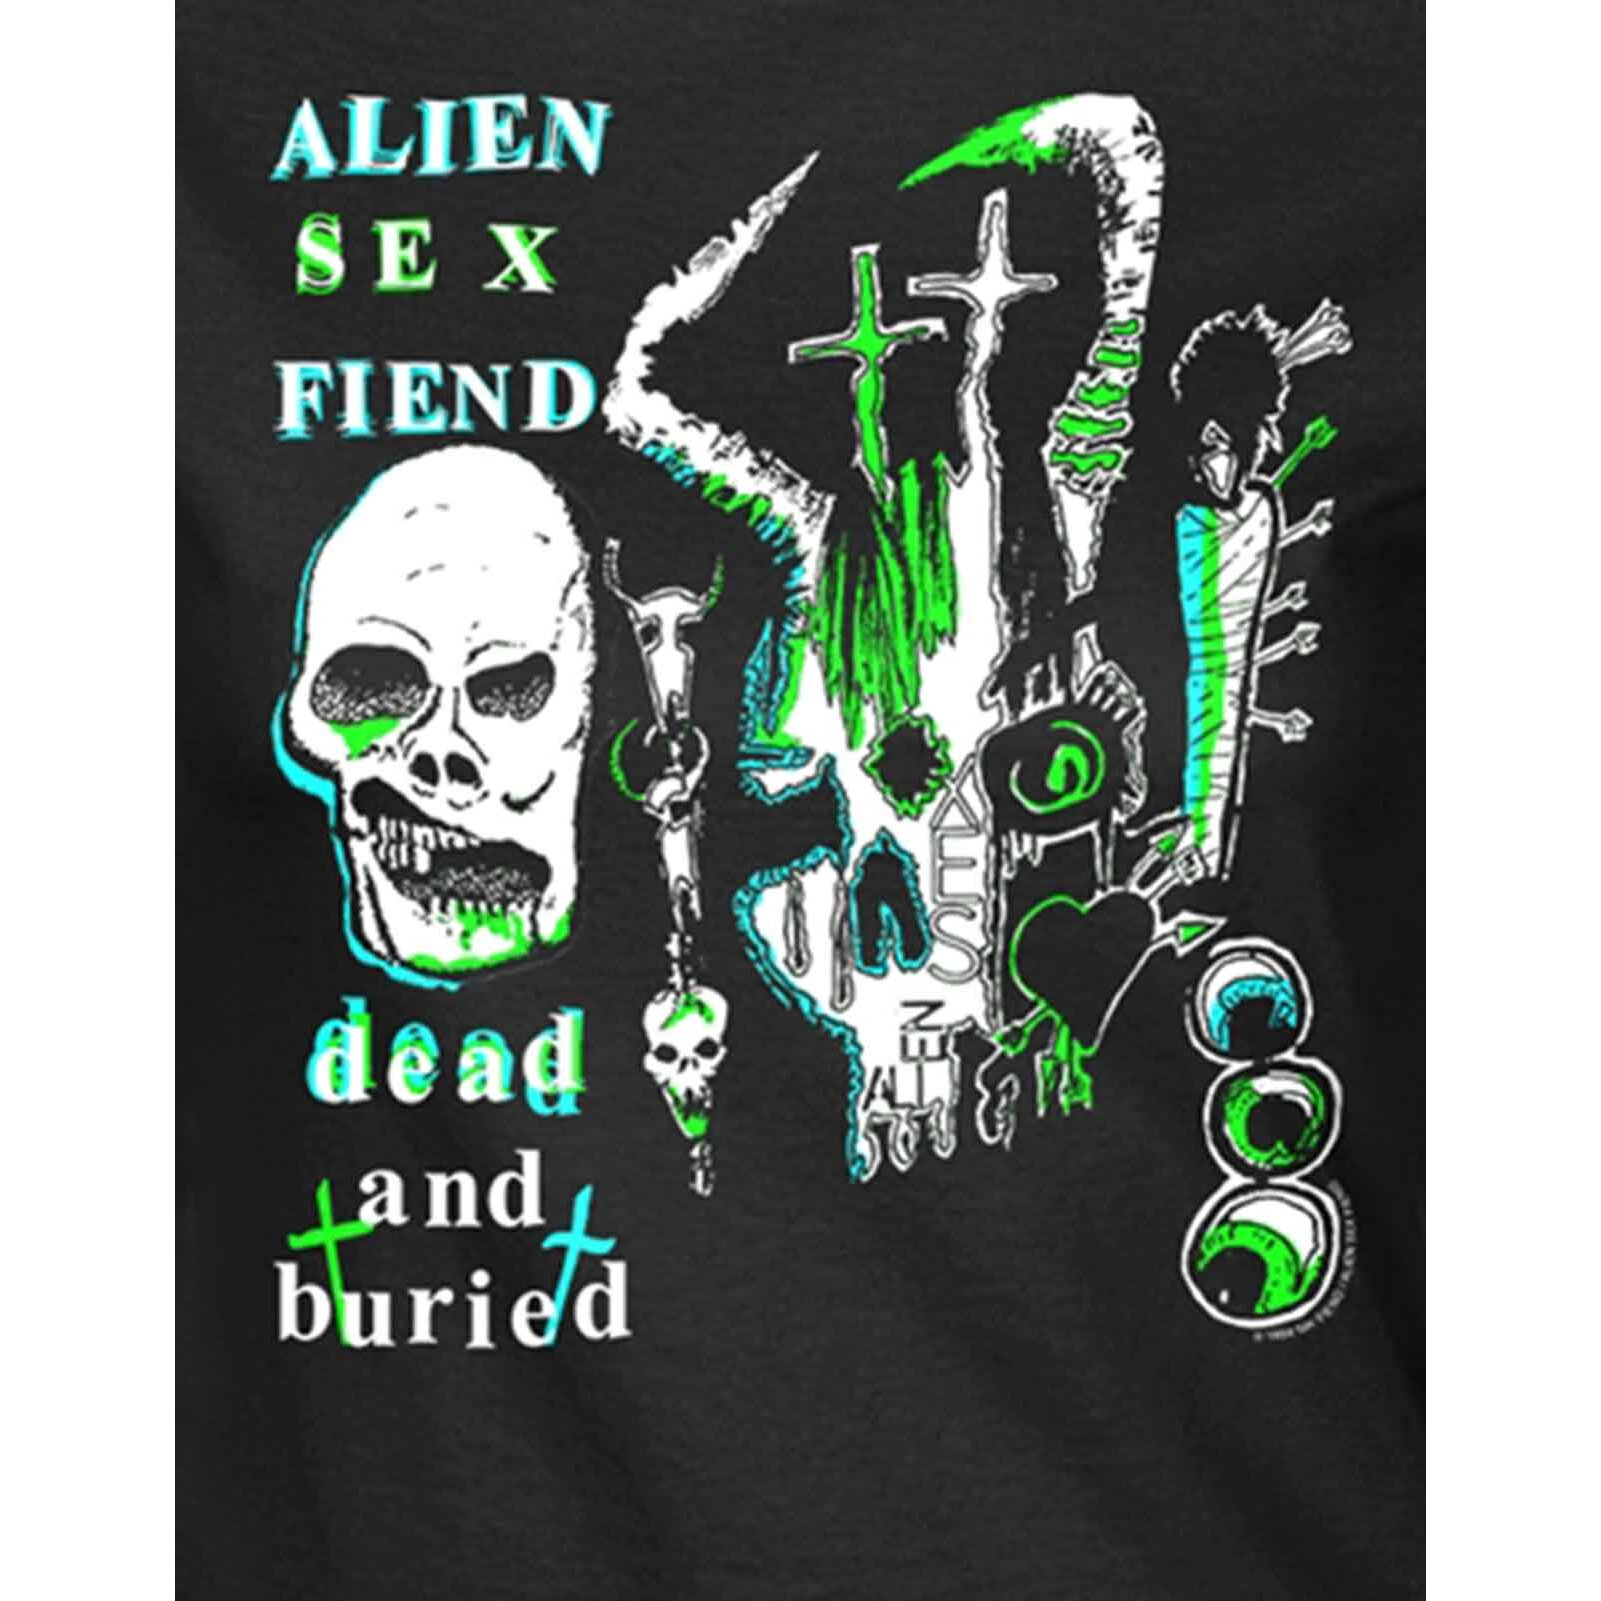 (XXL, Black) Alien Sex Fiend T Shirt Dead And Buried new